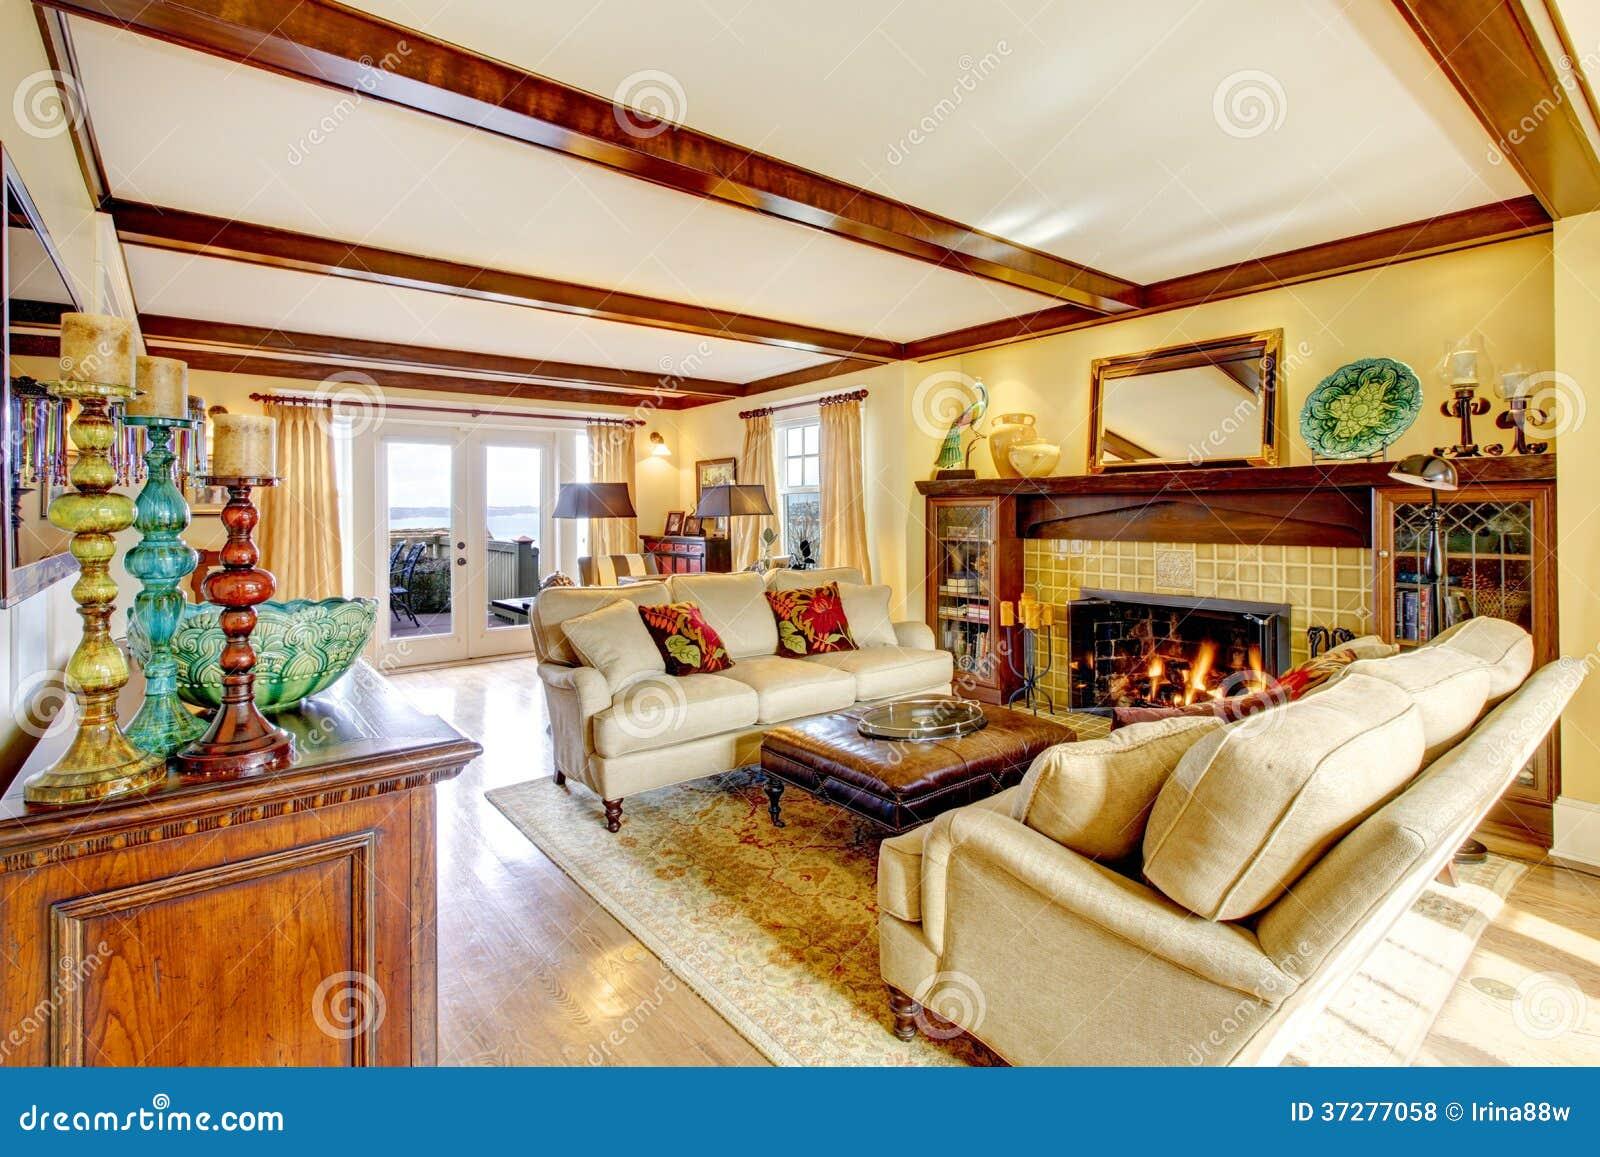 Openhaard In Woonkamer : Indrukwekkende woonkamer met plafondstralen en open haard stock